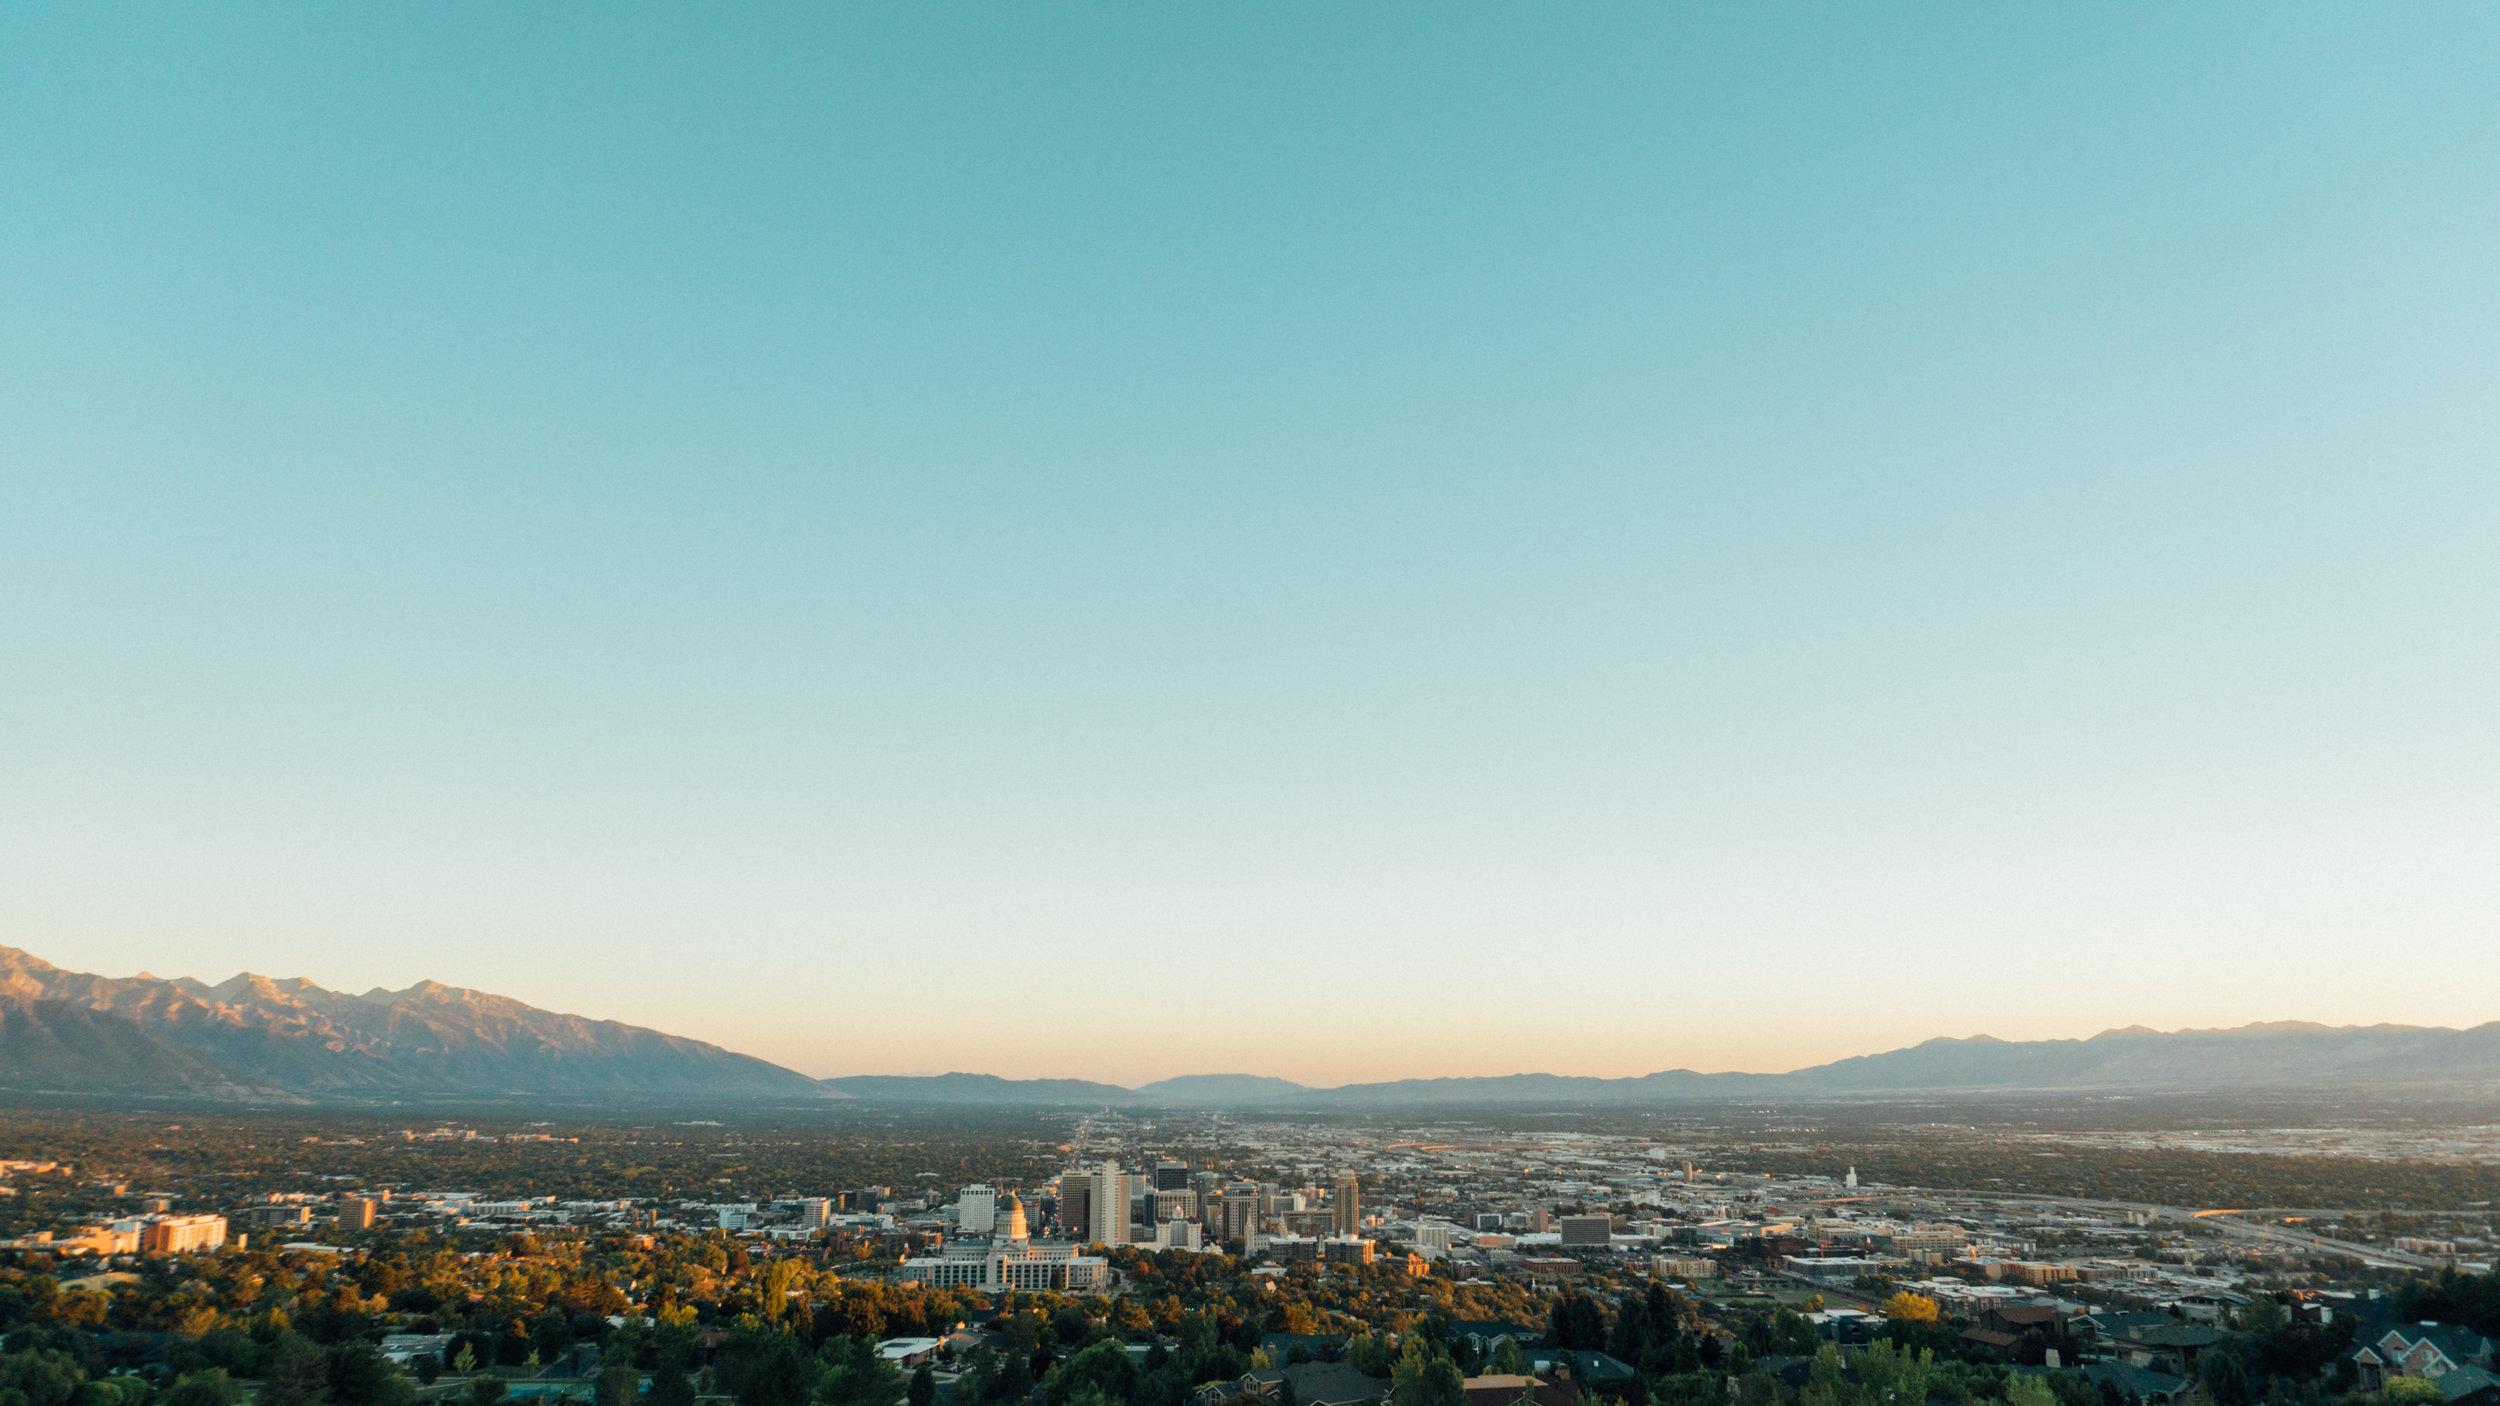 04: Salt Lake City